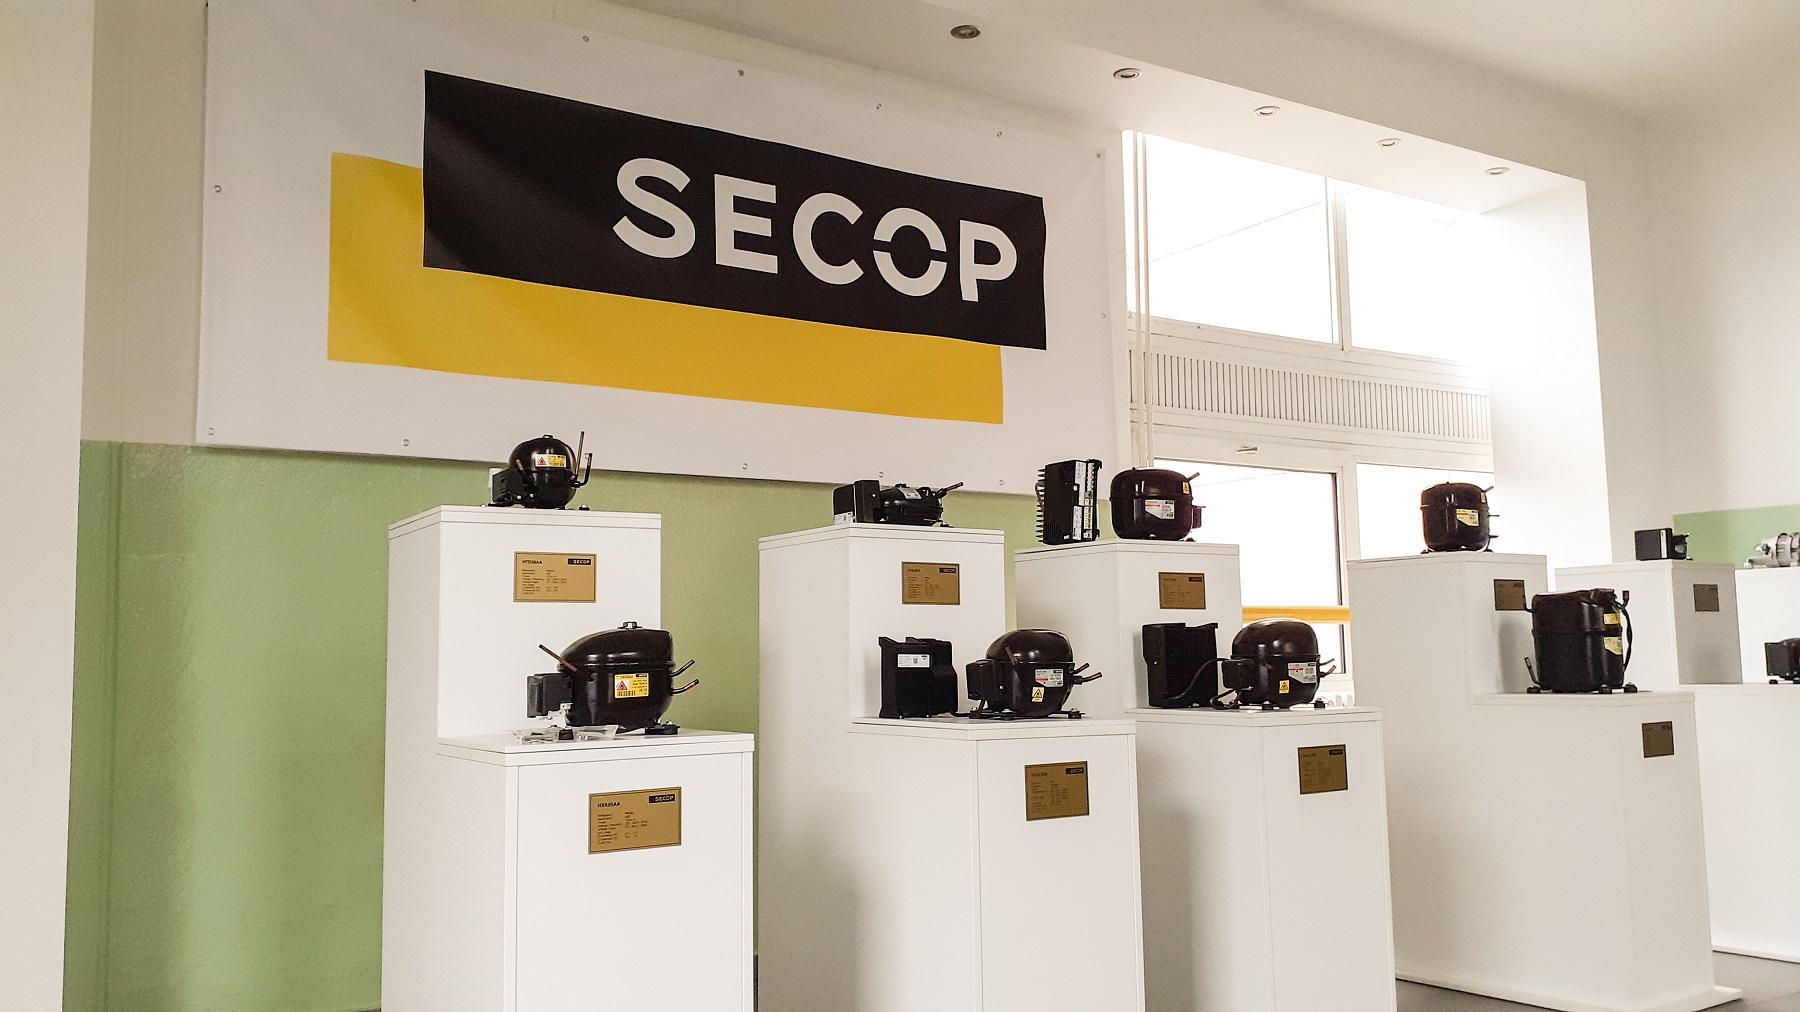 Secop: Digitálne dvojča nám pomáha odstrániť úzke miesta na montážnej linke